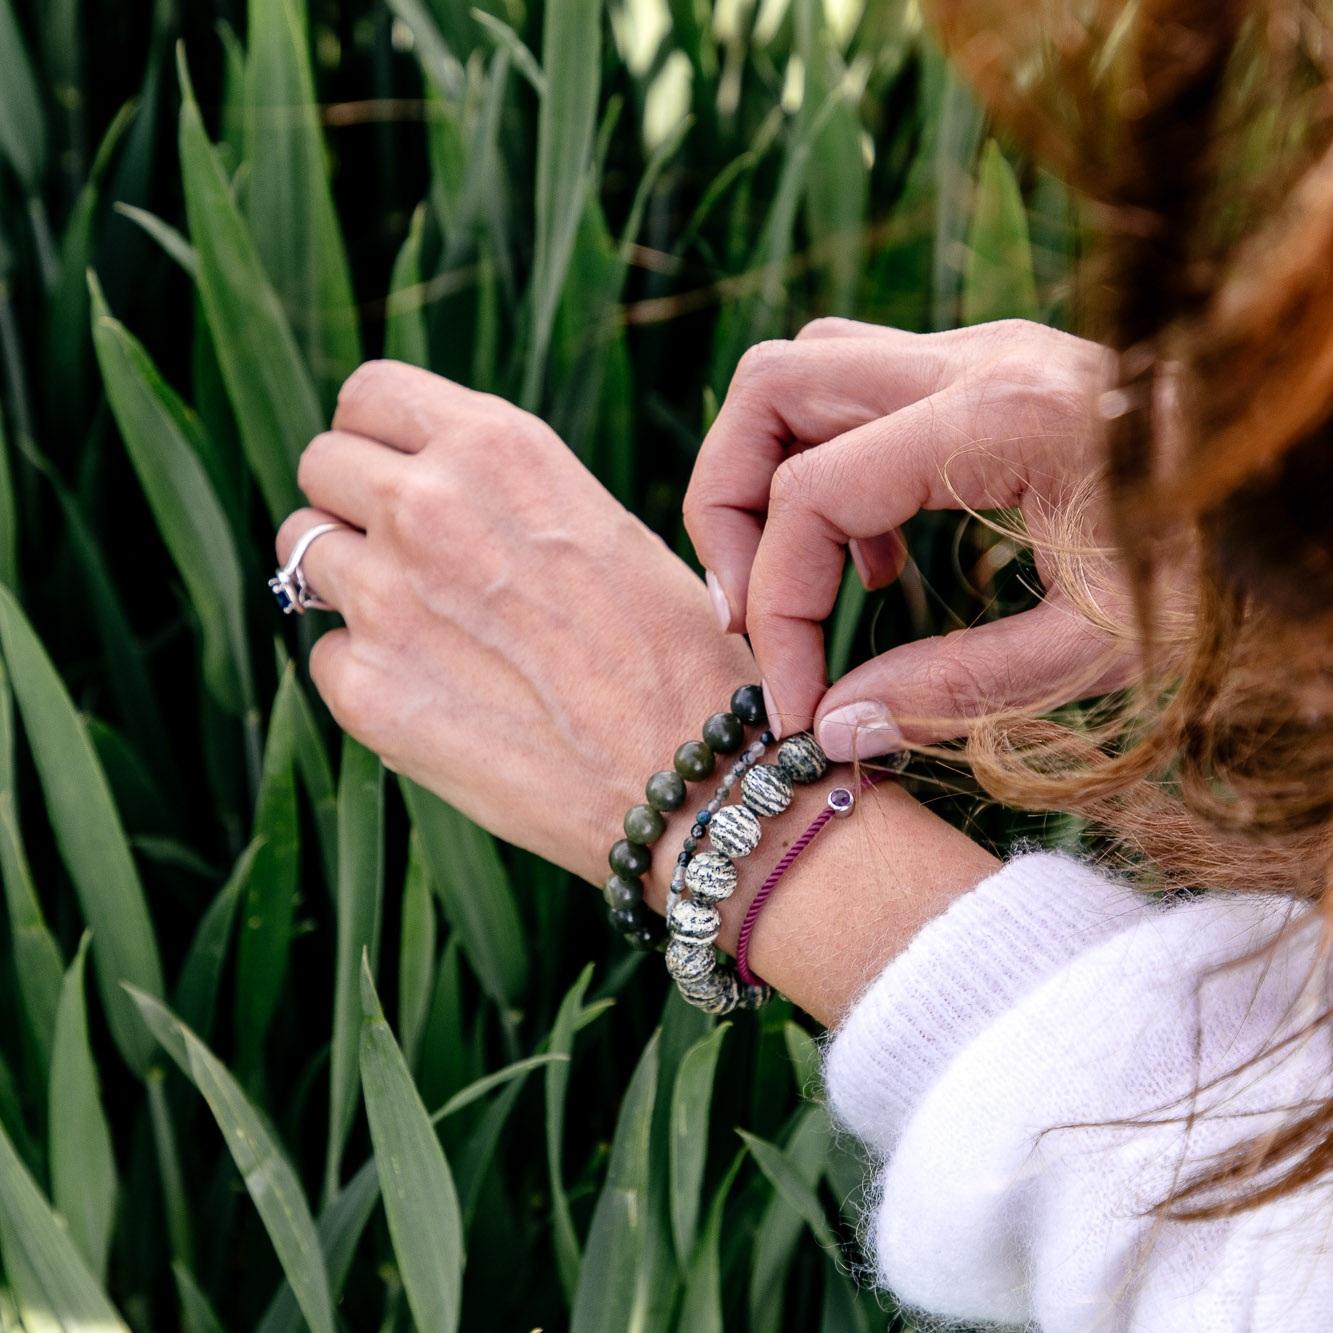 Tel un talisman, nos bracelets permettent d'intégrer des messages et apportent des prises de conscience au quotidien. -